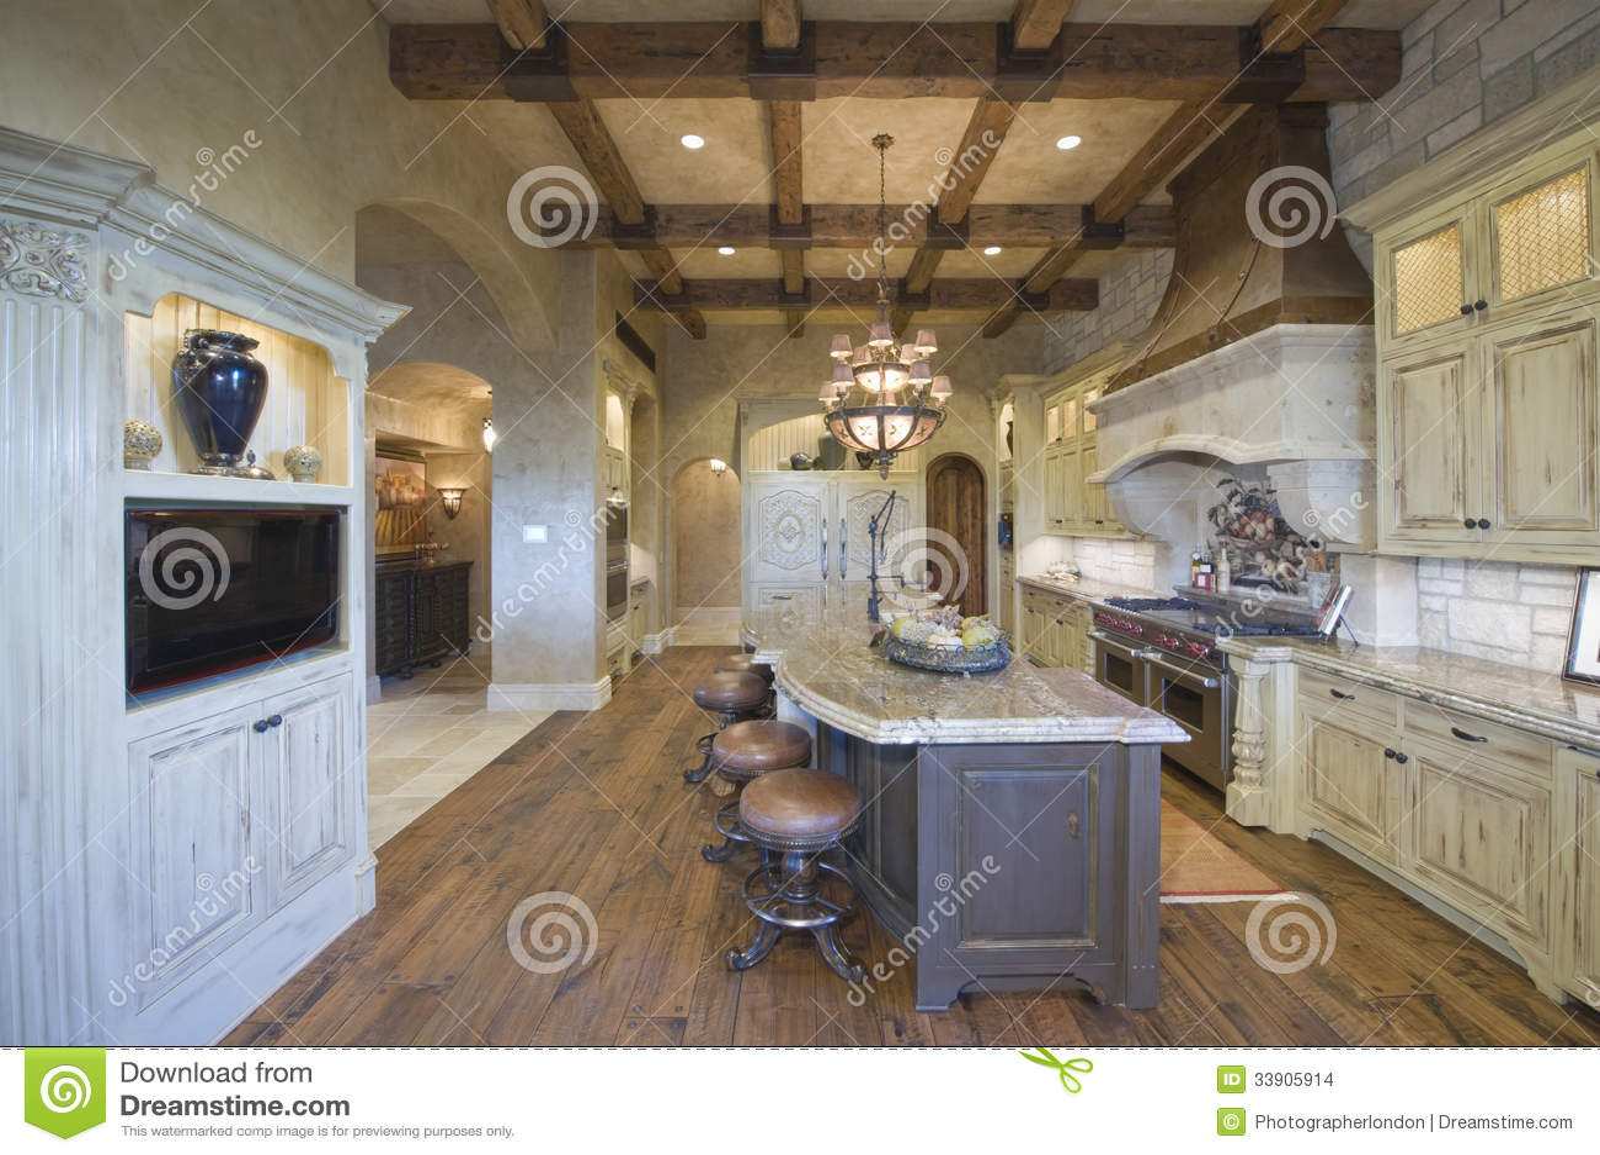 Hout gericht plafond met krukken bij keukeneiland stock afbeeldingen afbeelding 33905914 - Meubilair outdoor houten keuken ...